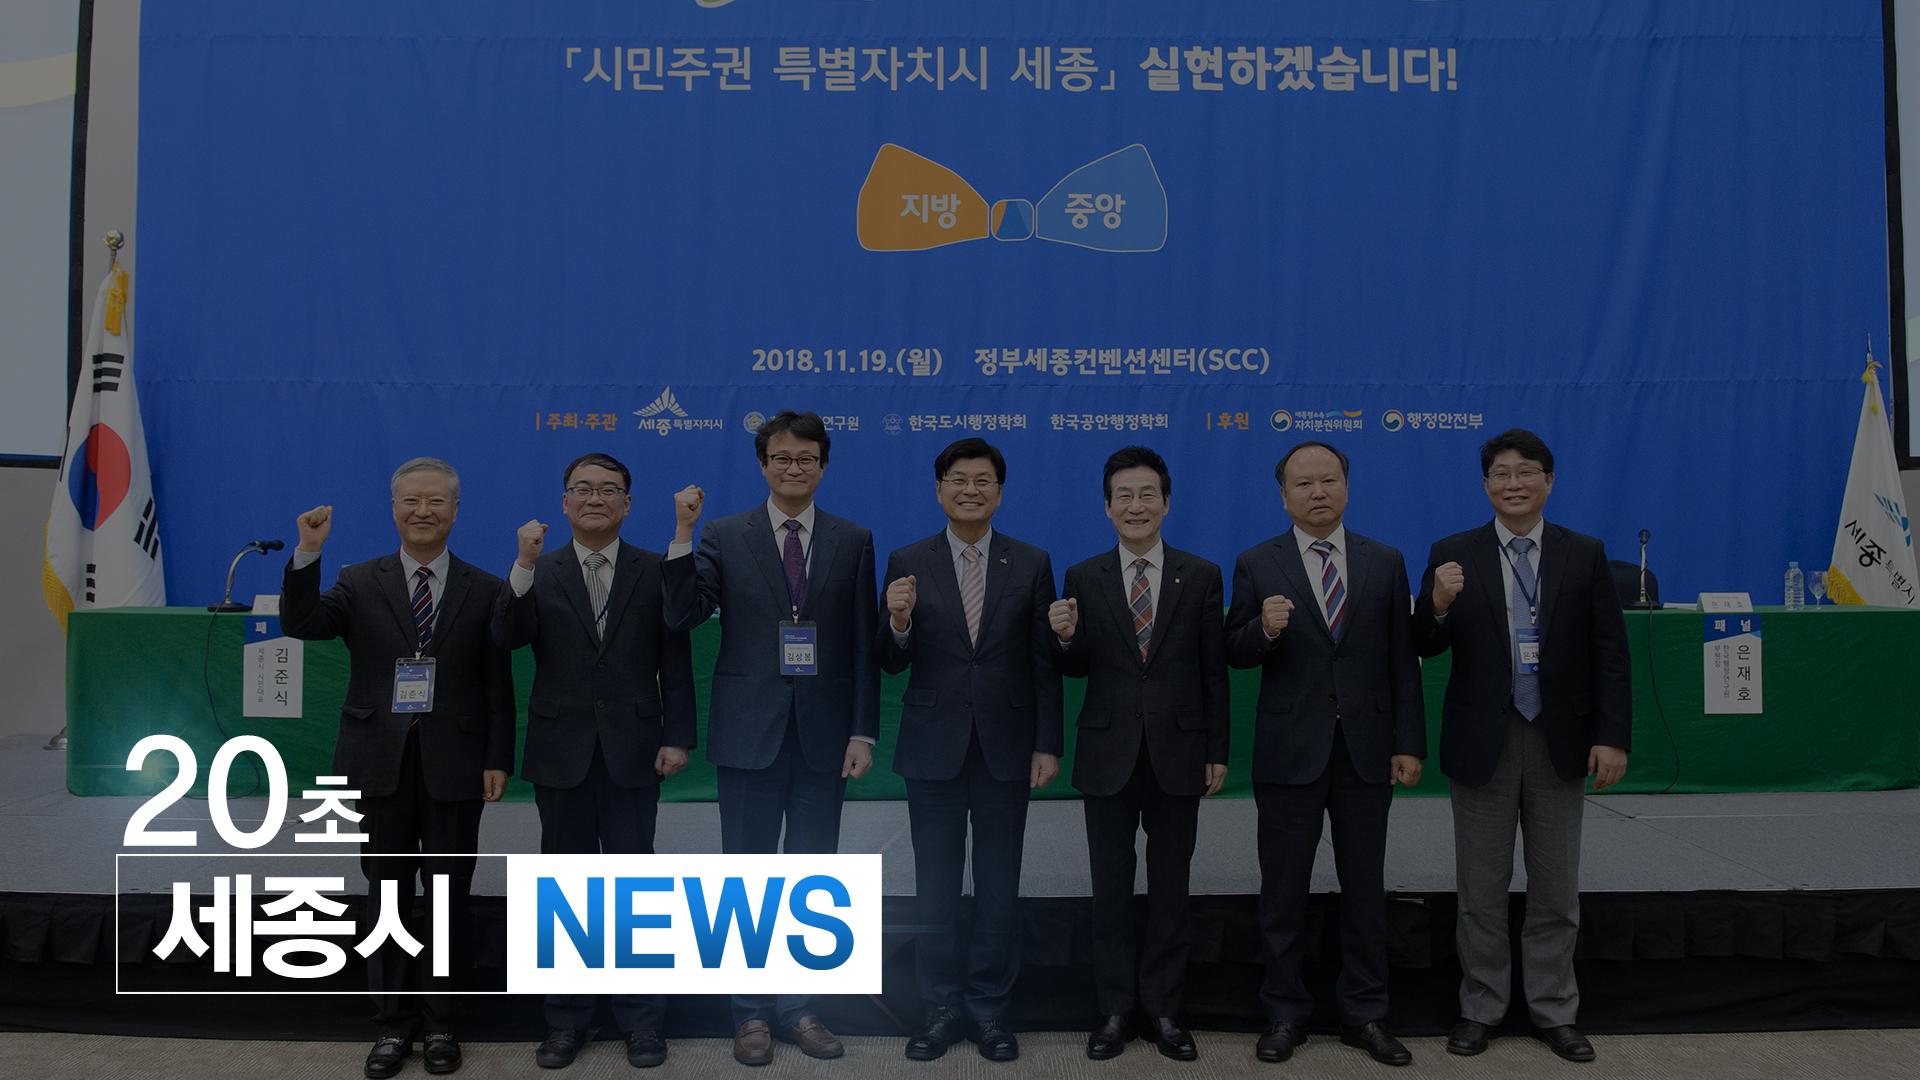 <20초뉴스> 시민주권 특별자시시 세종 학술토론회 개최